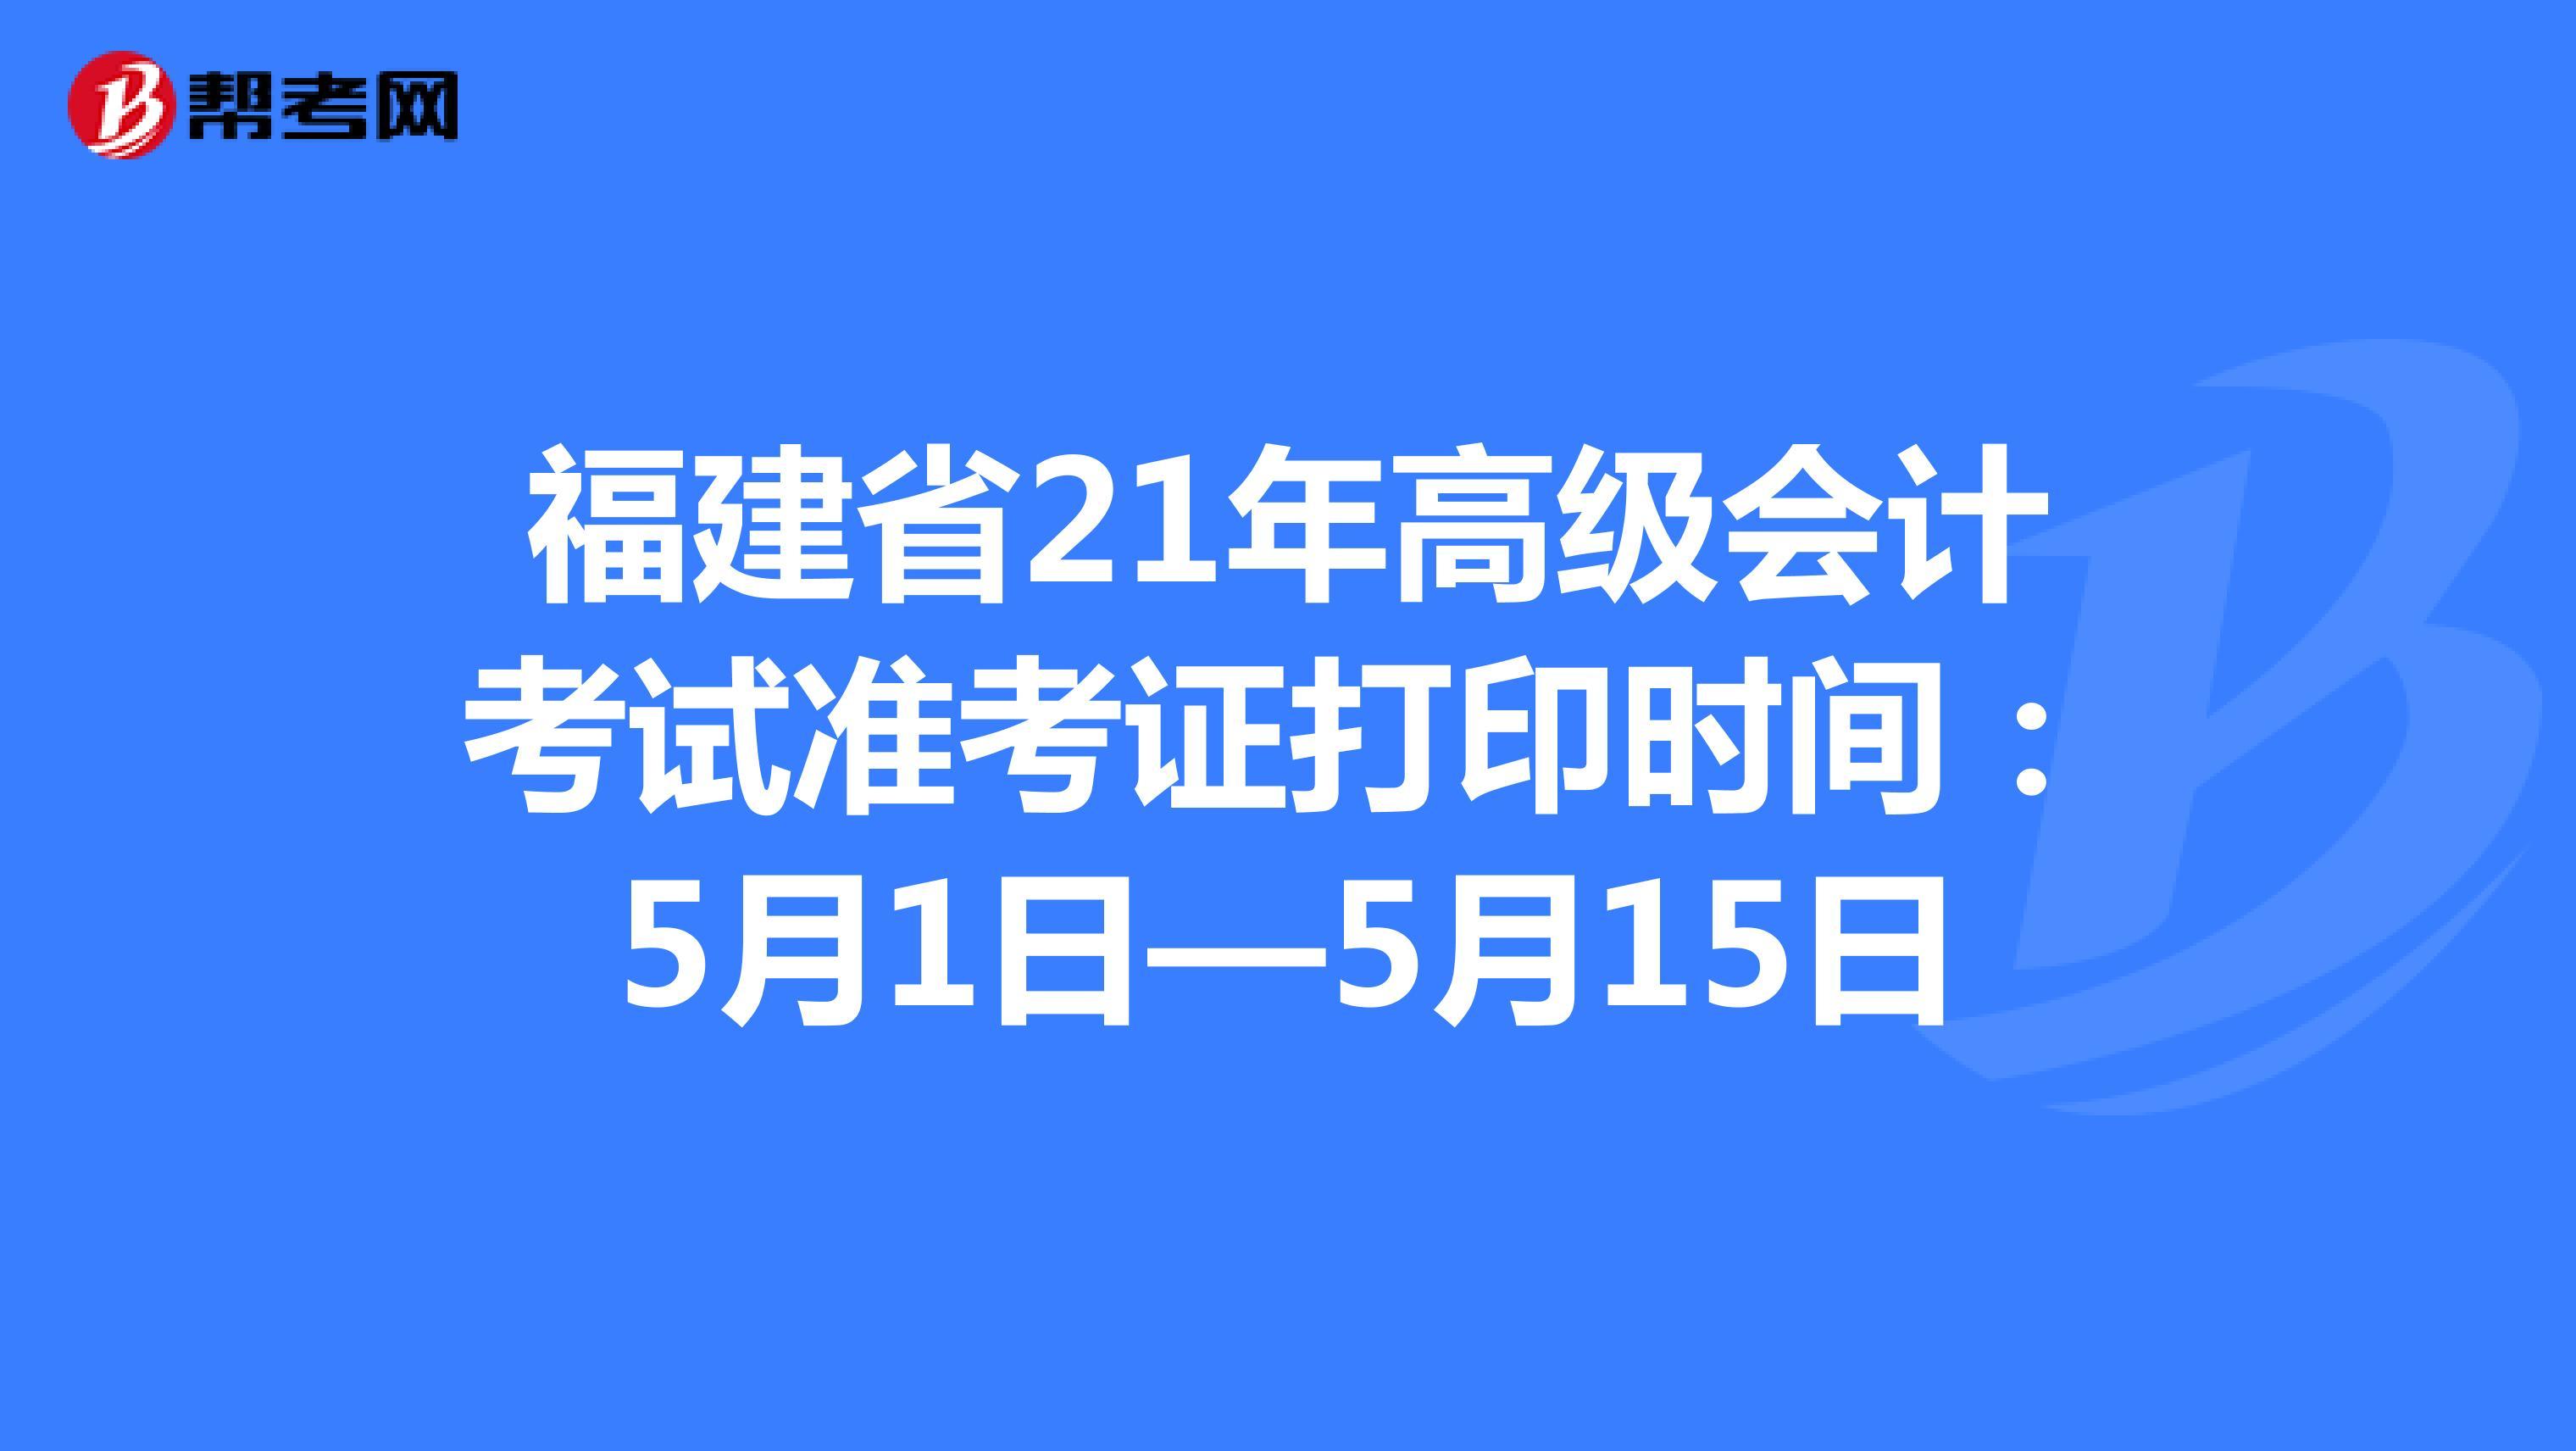 福建省21年高级会计考试准考证打印时间:5月1日—5月15日